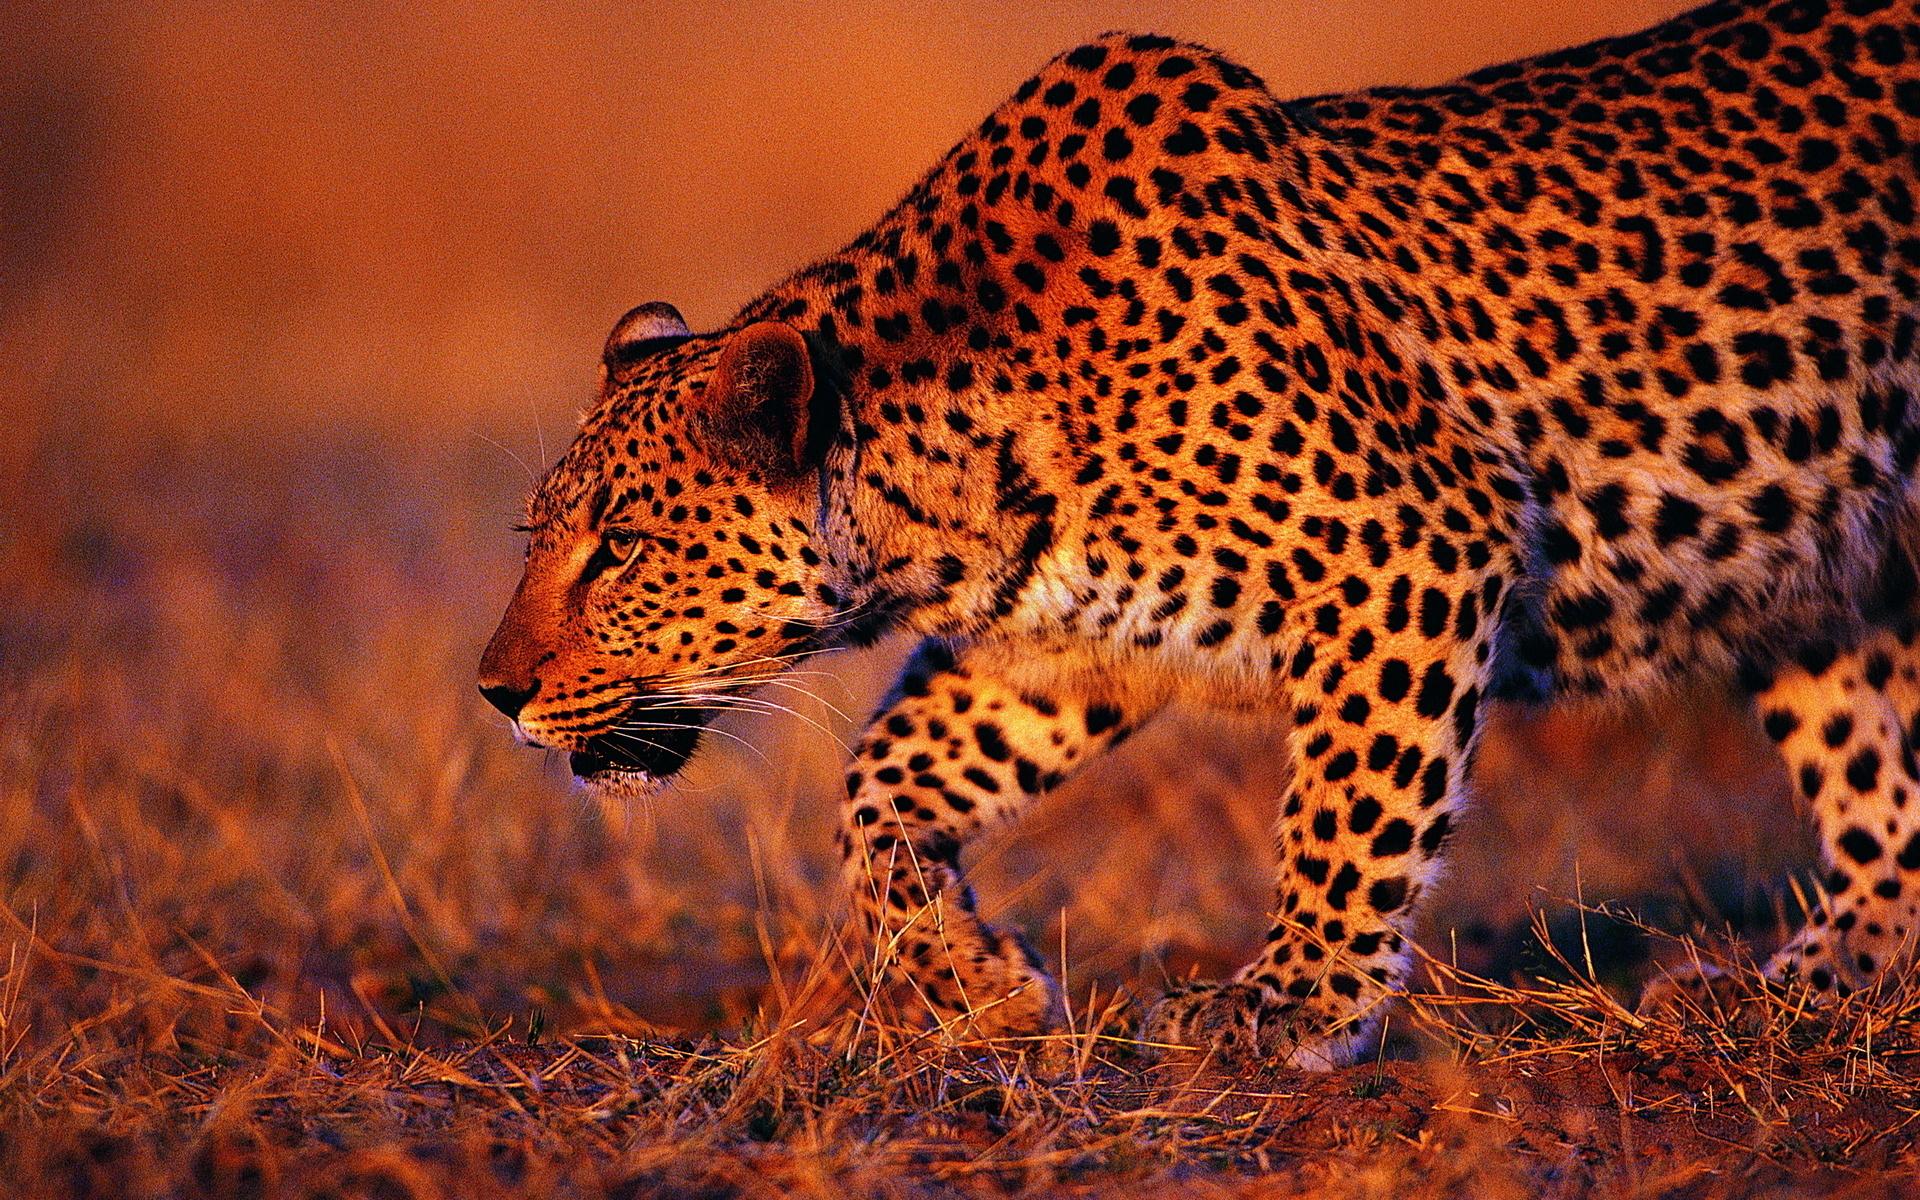 этот картинки гепарда и леопарда на рабочий стол профессии имеет большой